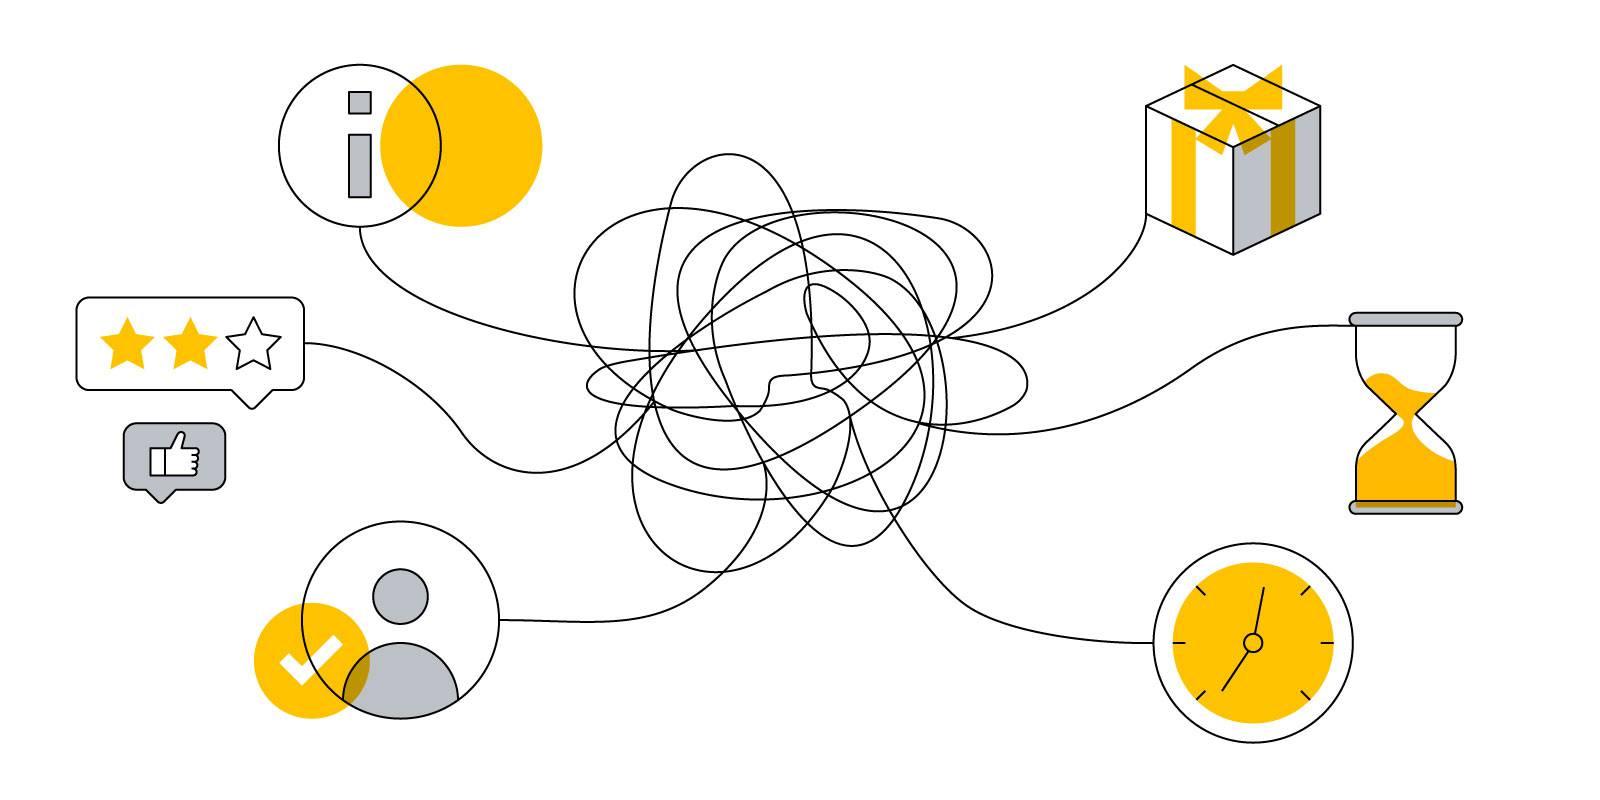 Стилизованная иллюстрация, шесть закрученных линий, создающих хаос, который символизирует сложность принятия решений о покупке. Каждая линия начинается со значка, соответствующего одной из шести поведенческих установок: влияние социальных сетей, авторитет